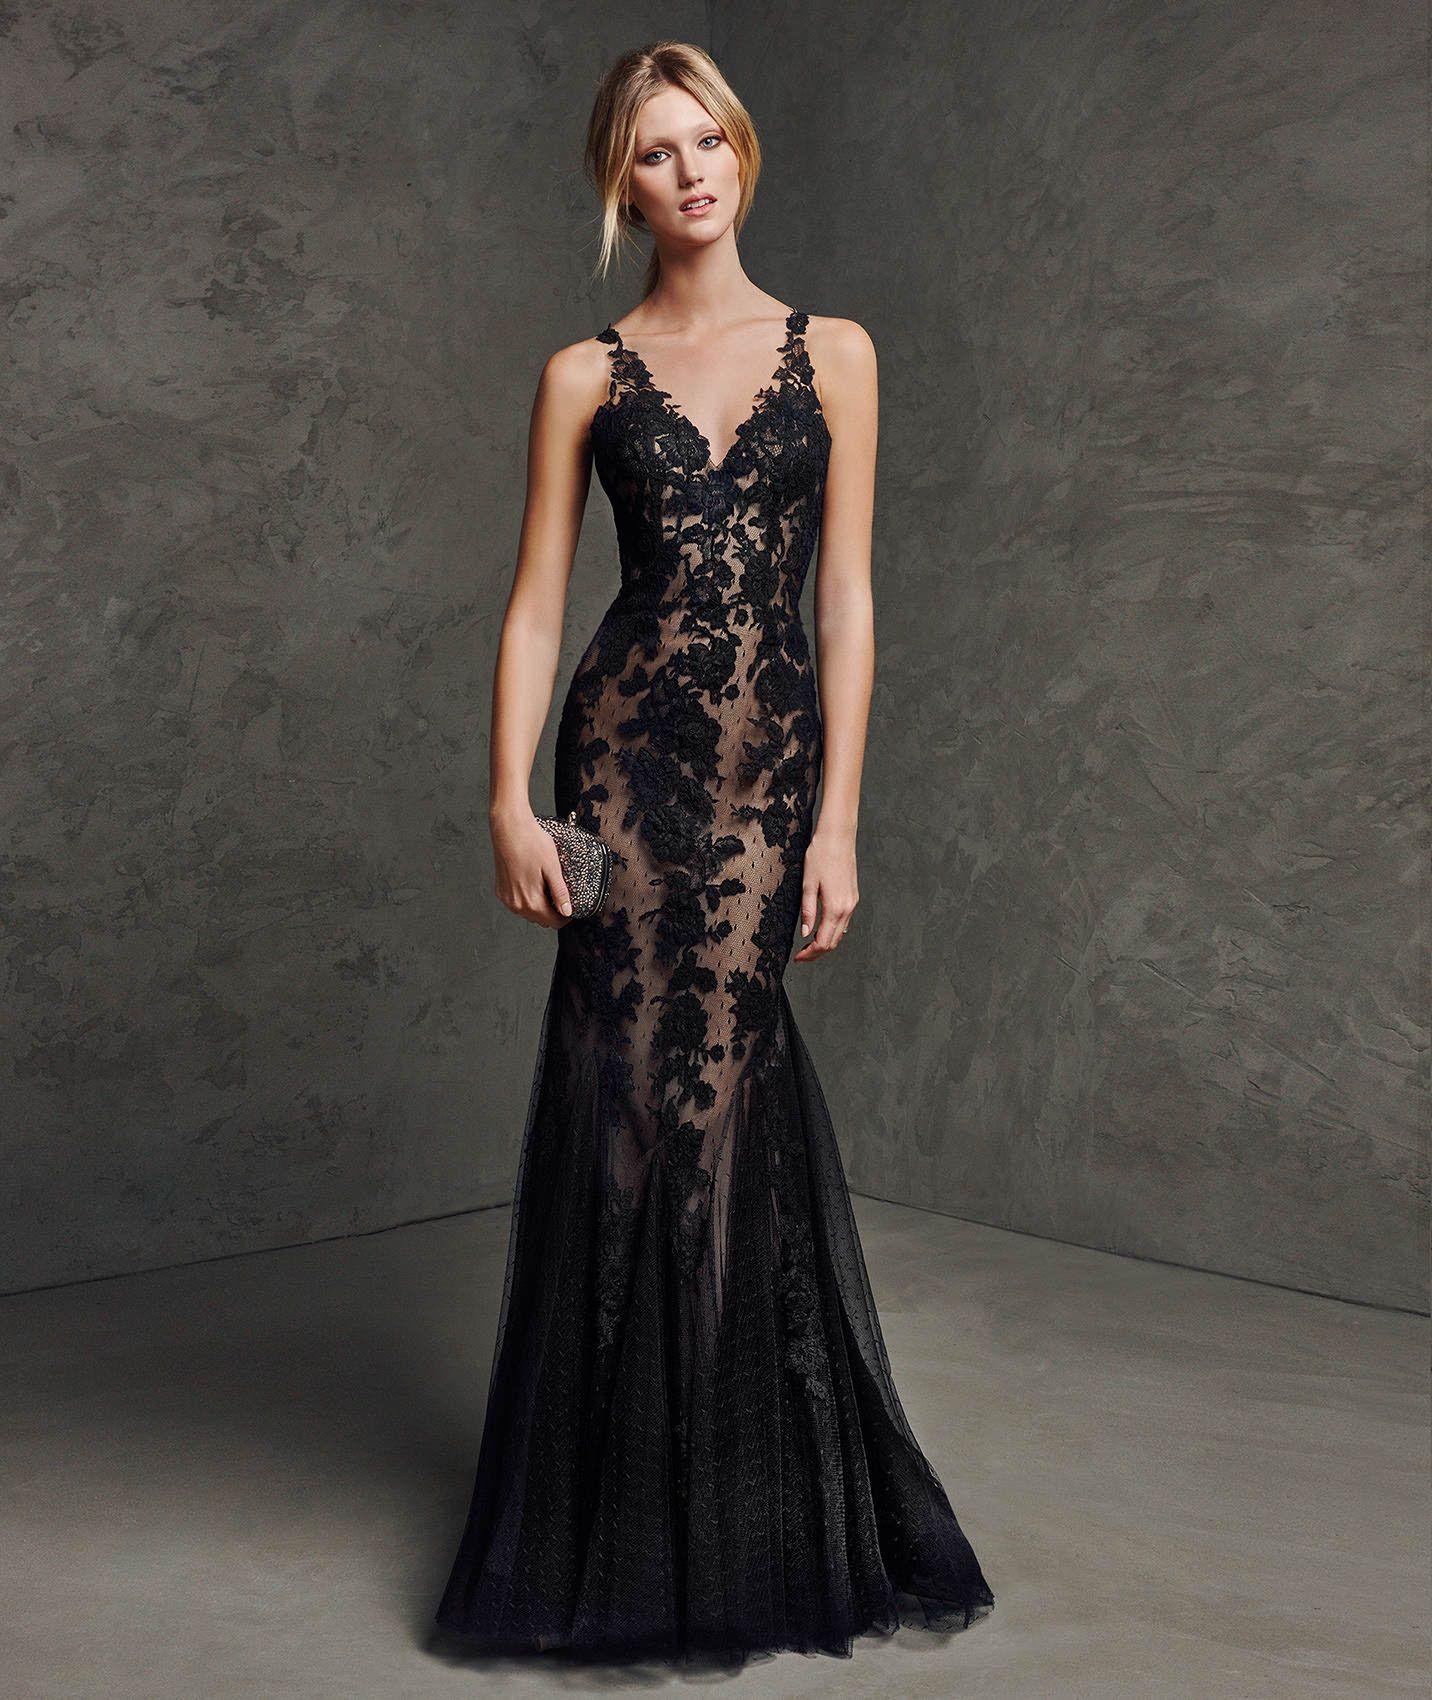 Modelos de vestidos de fiesta al cuerpo